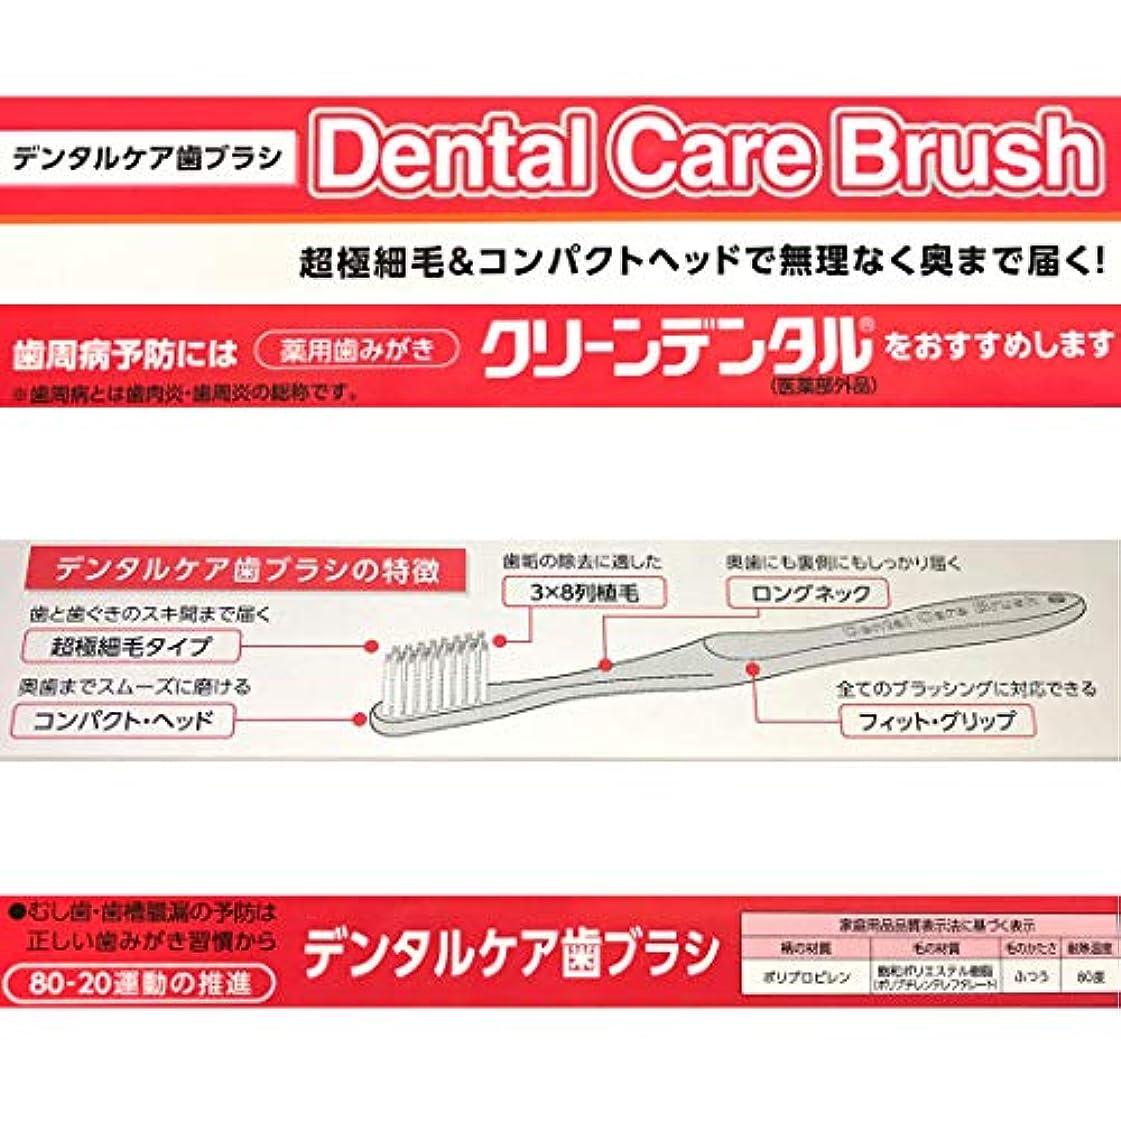 高速道路素晴らしいです弱い【数量限定】超極細毛&コンパクトヘッド デンタルケア歯ブラシ (3本)